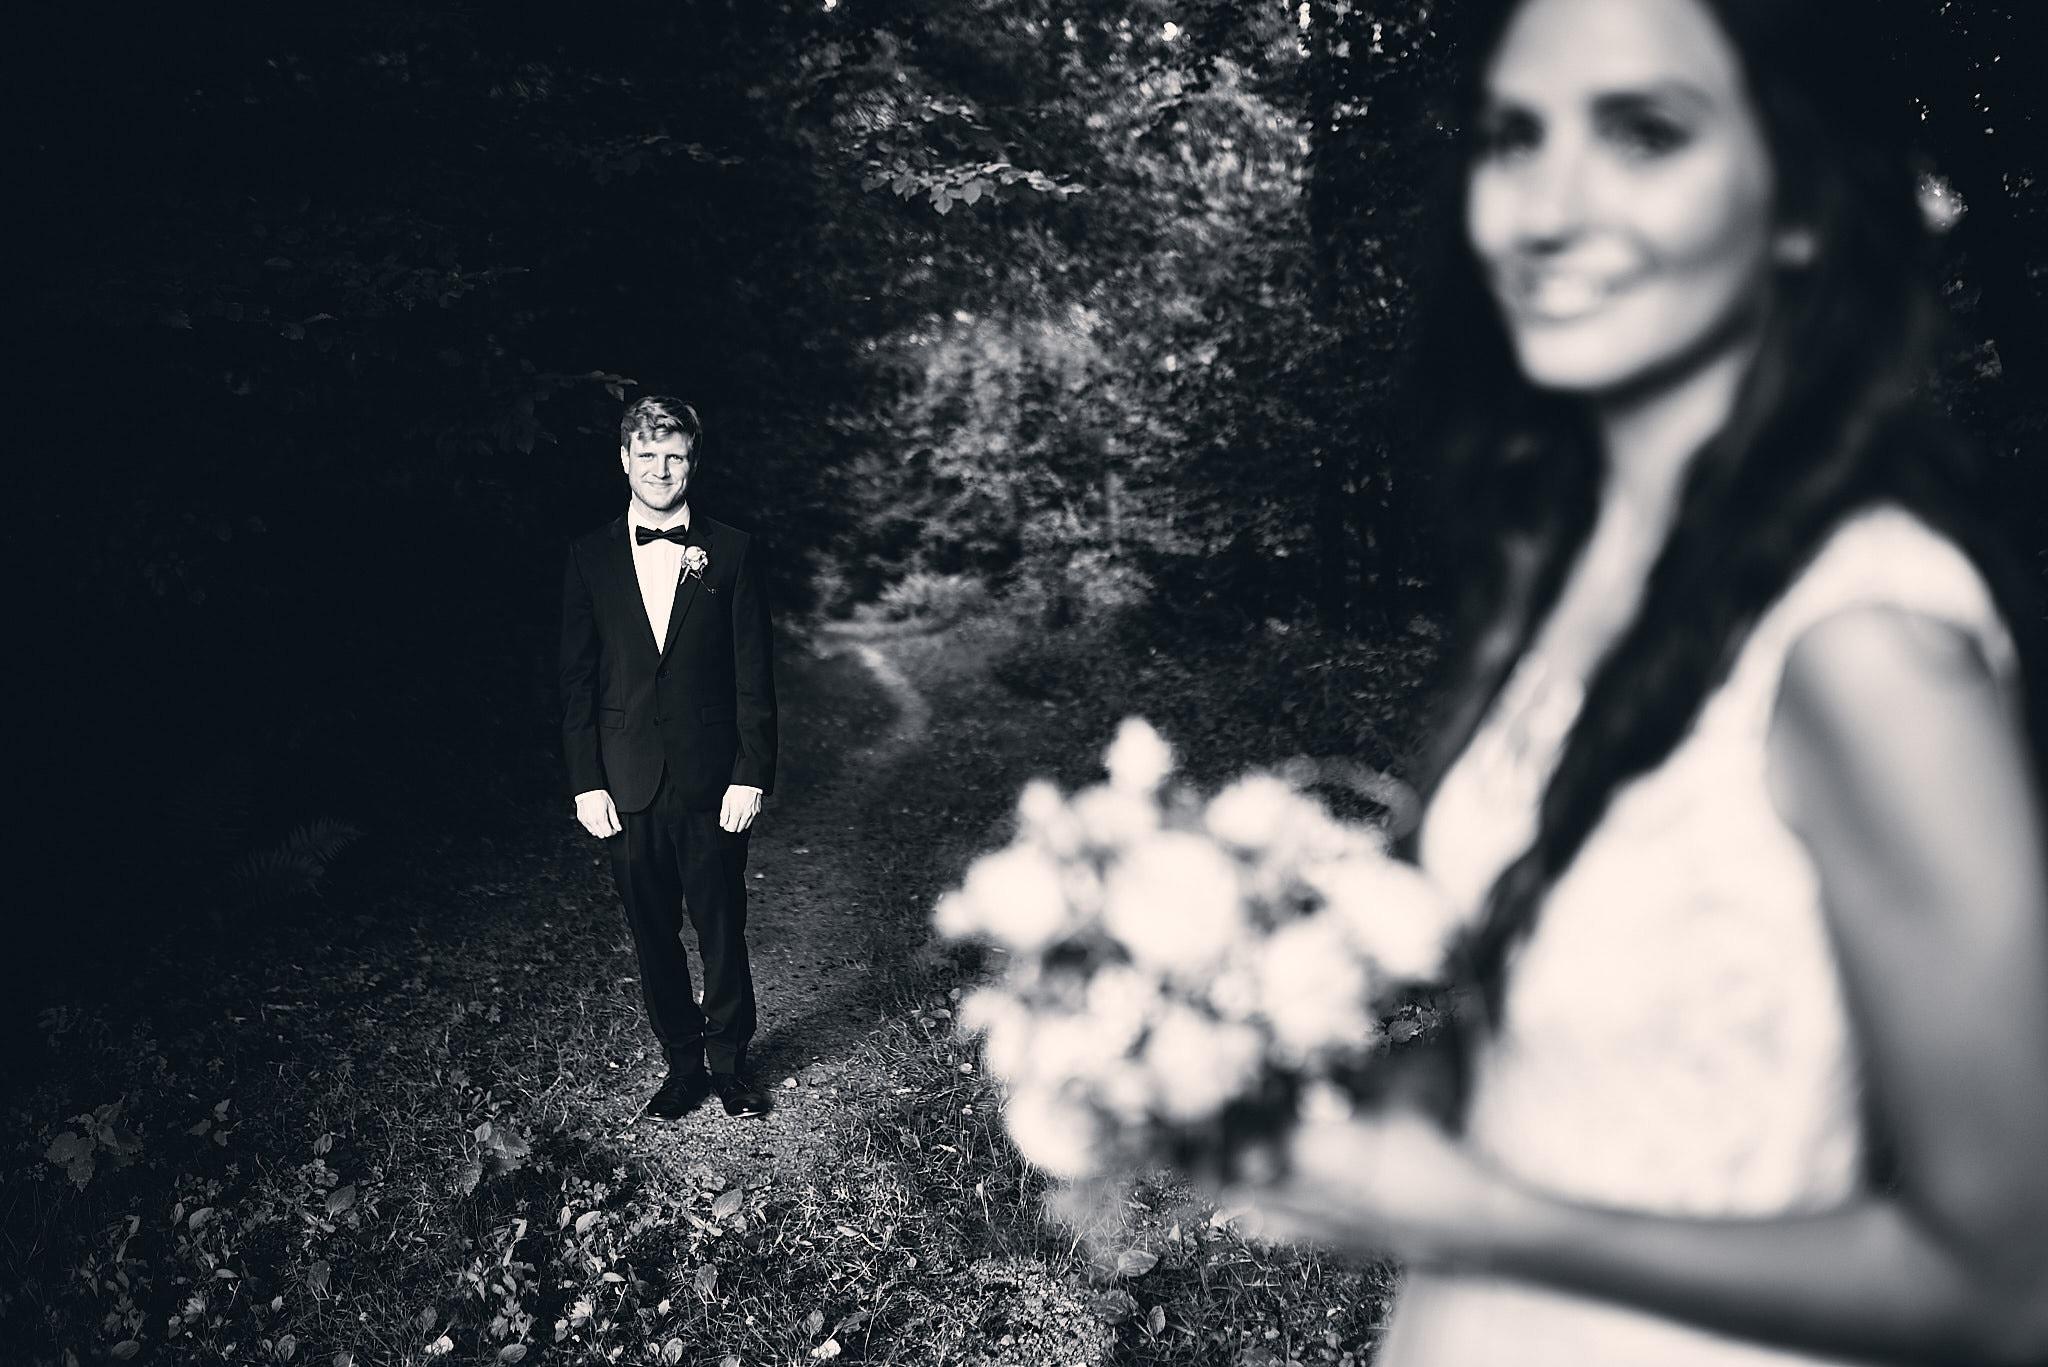 Der Bräutigam schaut zur Braut.